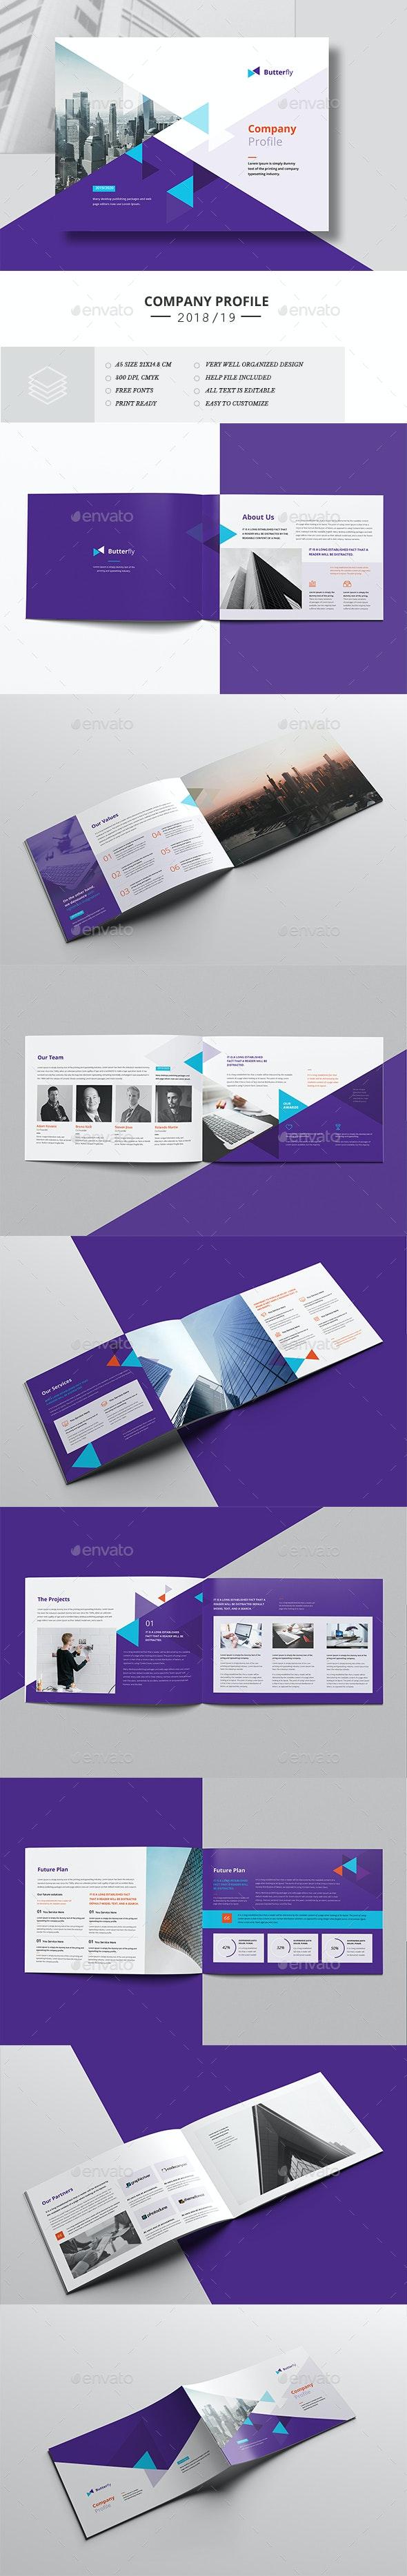 Corporate Brochure Landscape A5 - Corporate Brochures